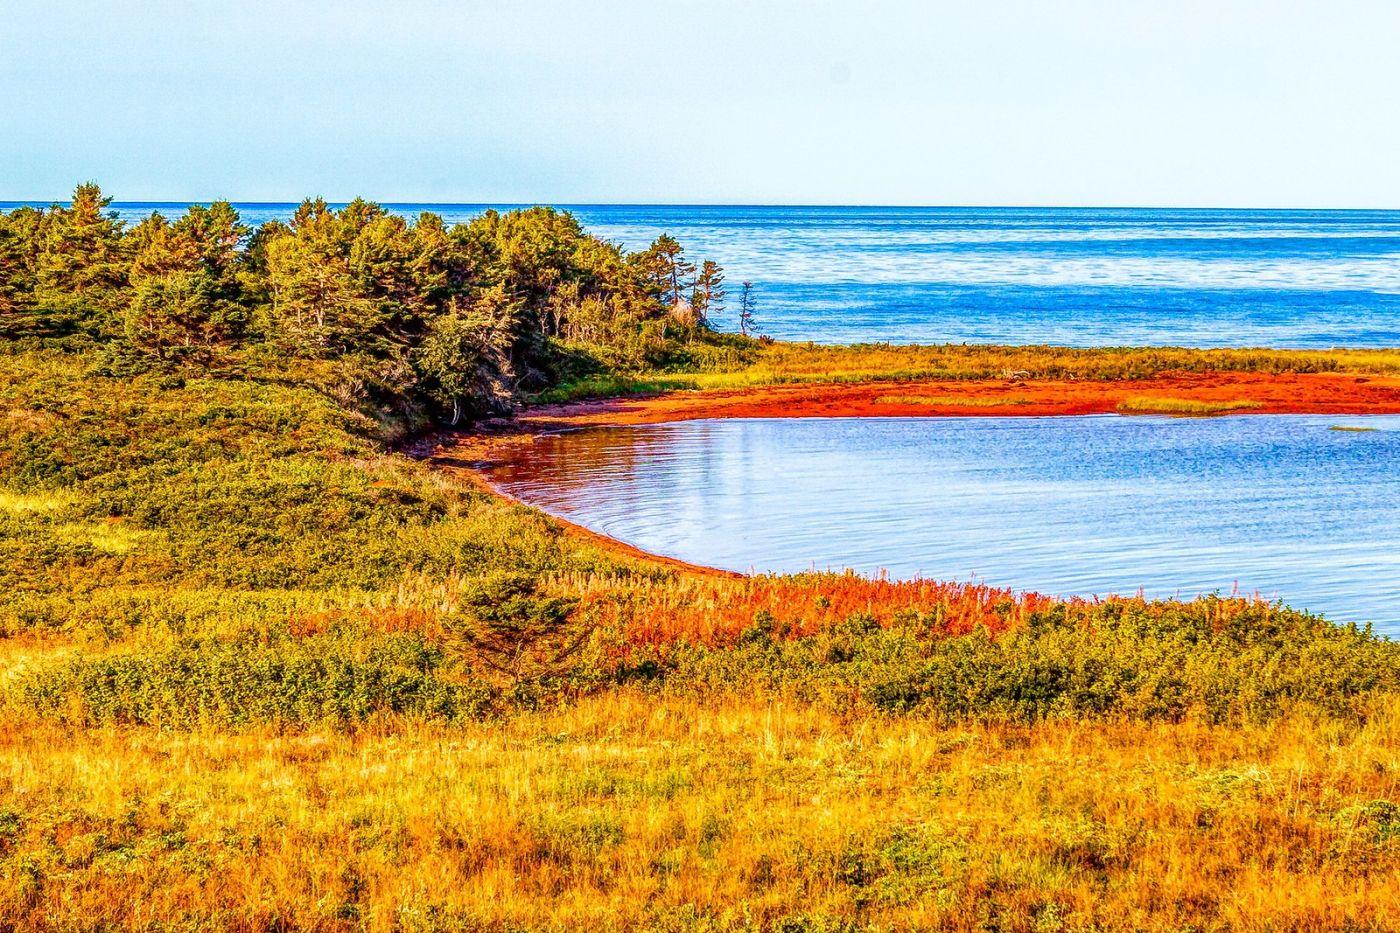 加拿大路途,水边抓拍_图1-12